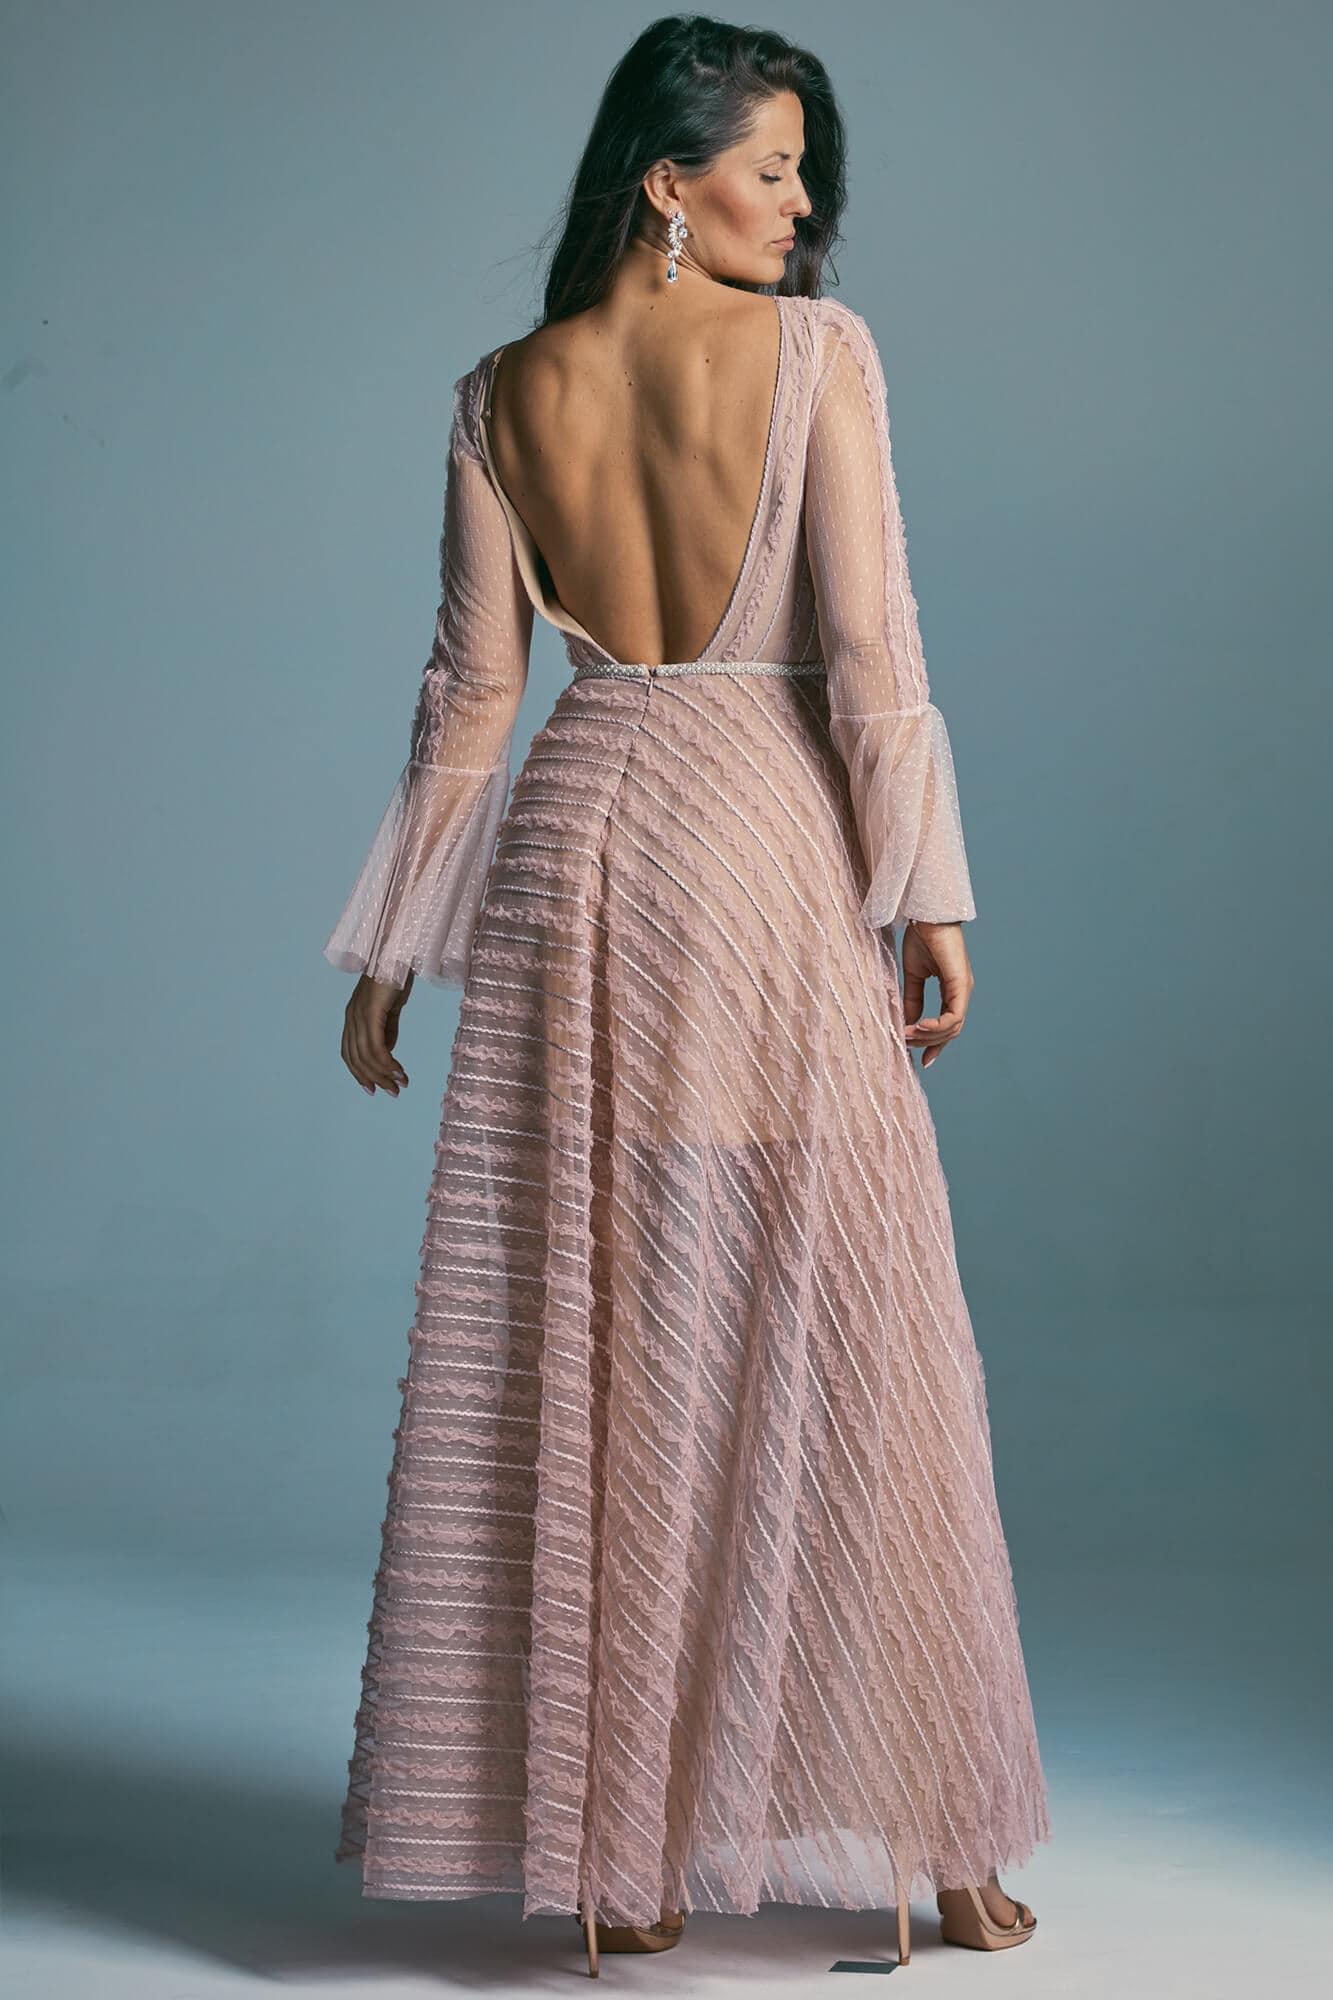 Suknia ślubna w kolorze brudnego różu z tiulu w delikatne kropki. Venezia 2